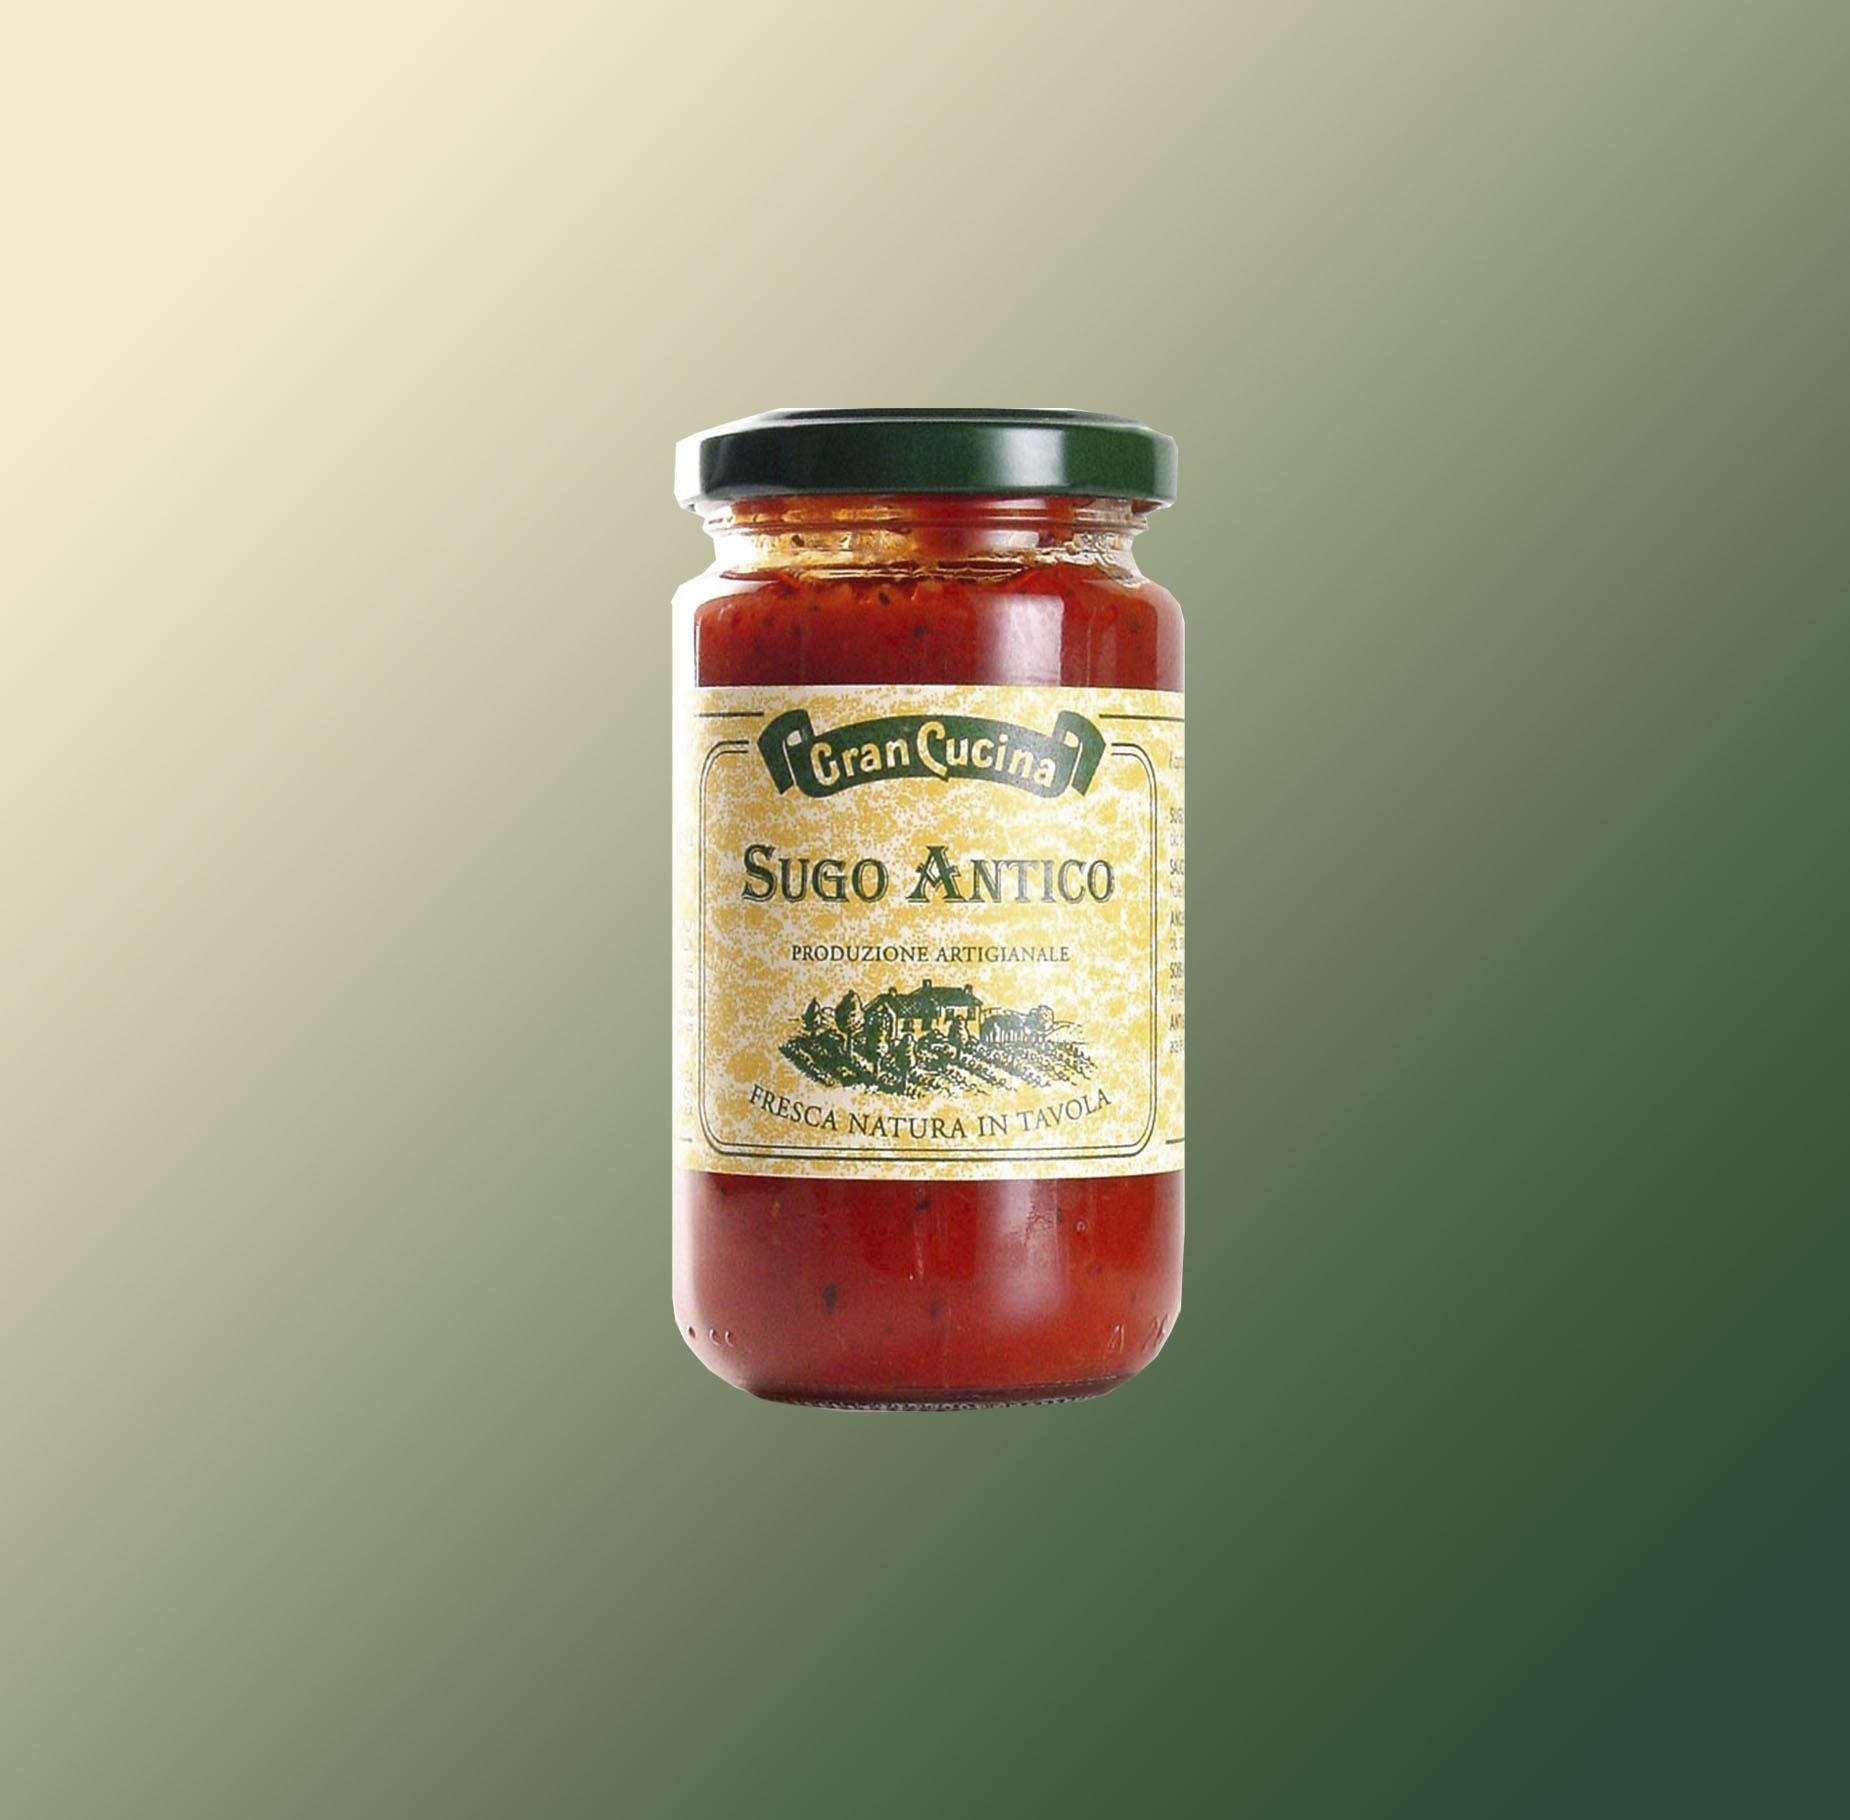 Sugo Antico (Salsa de albahaca a la antigua)